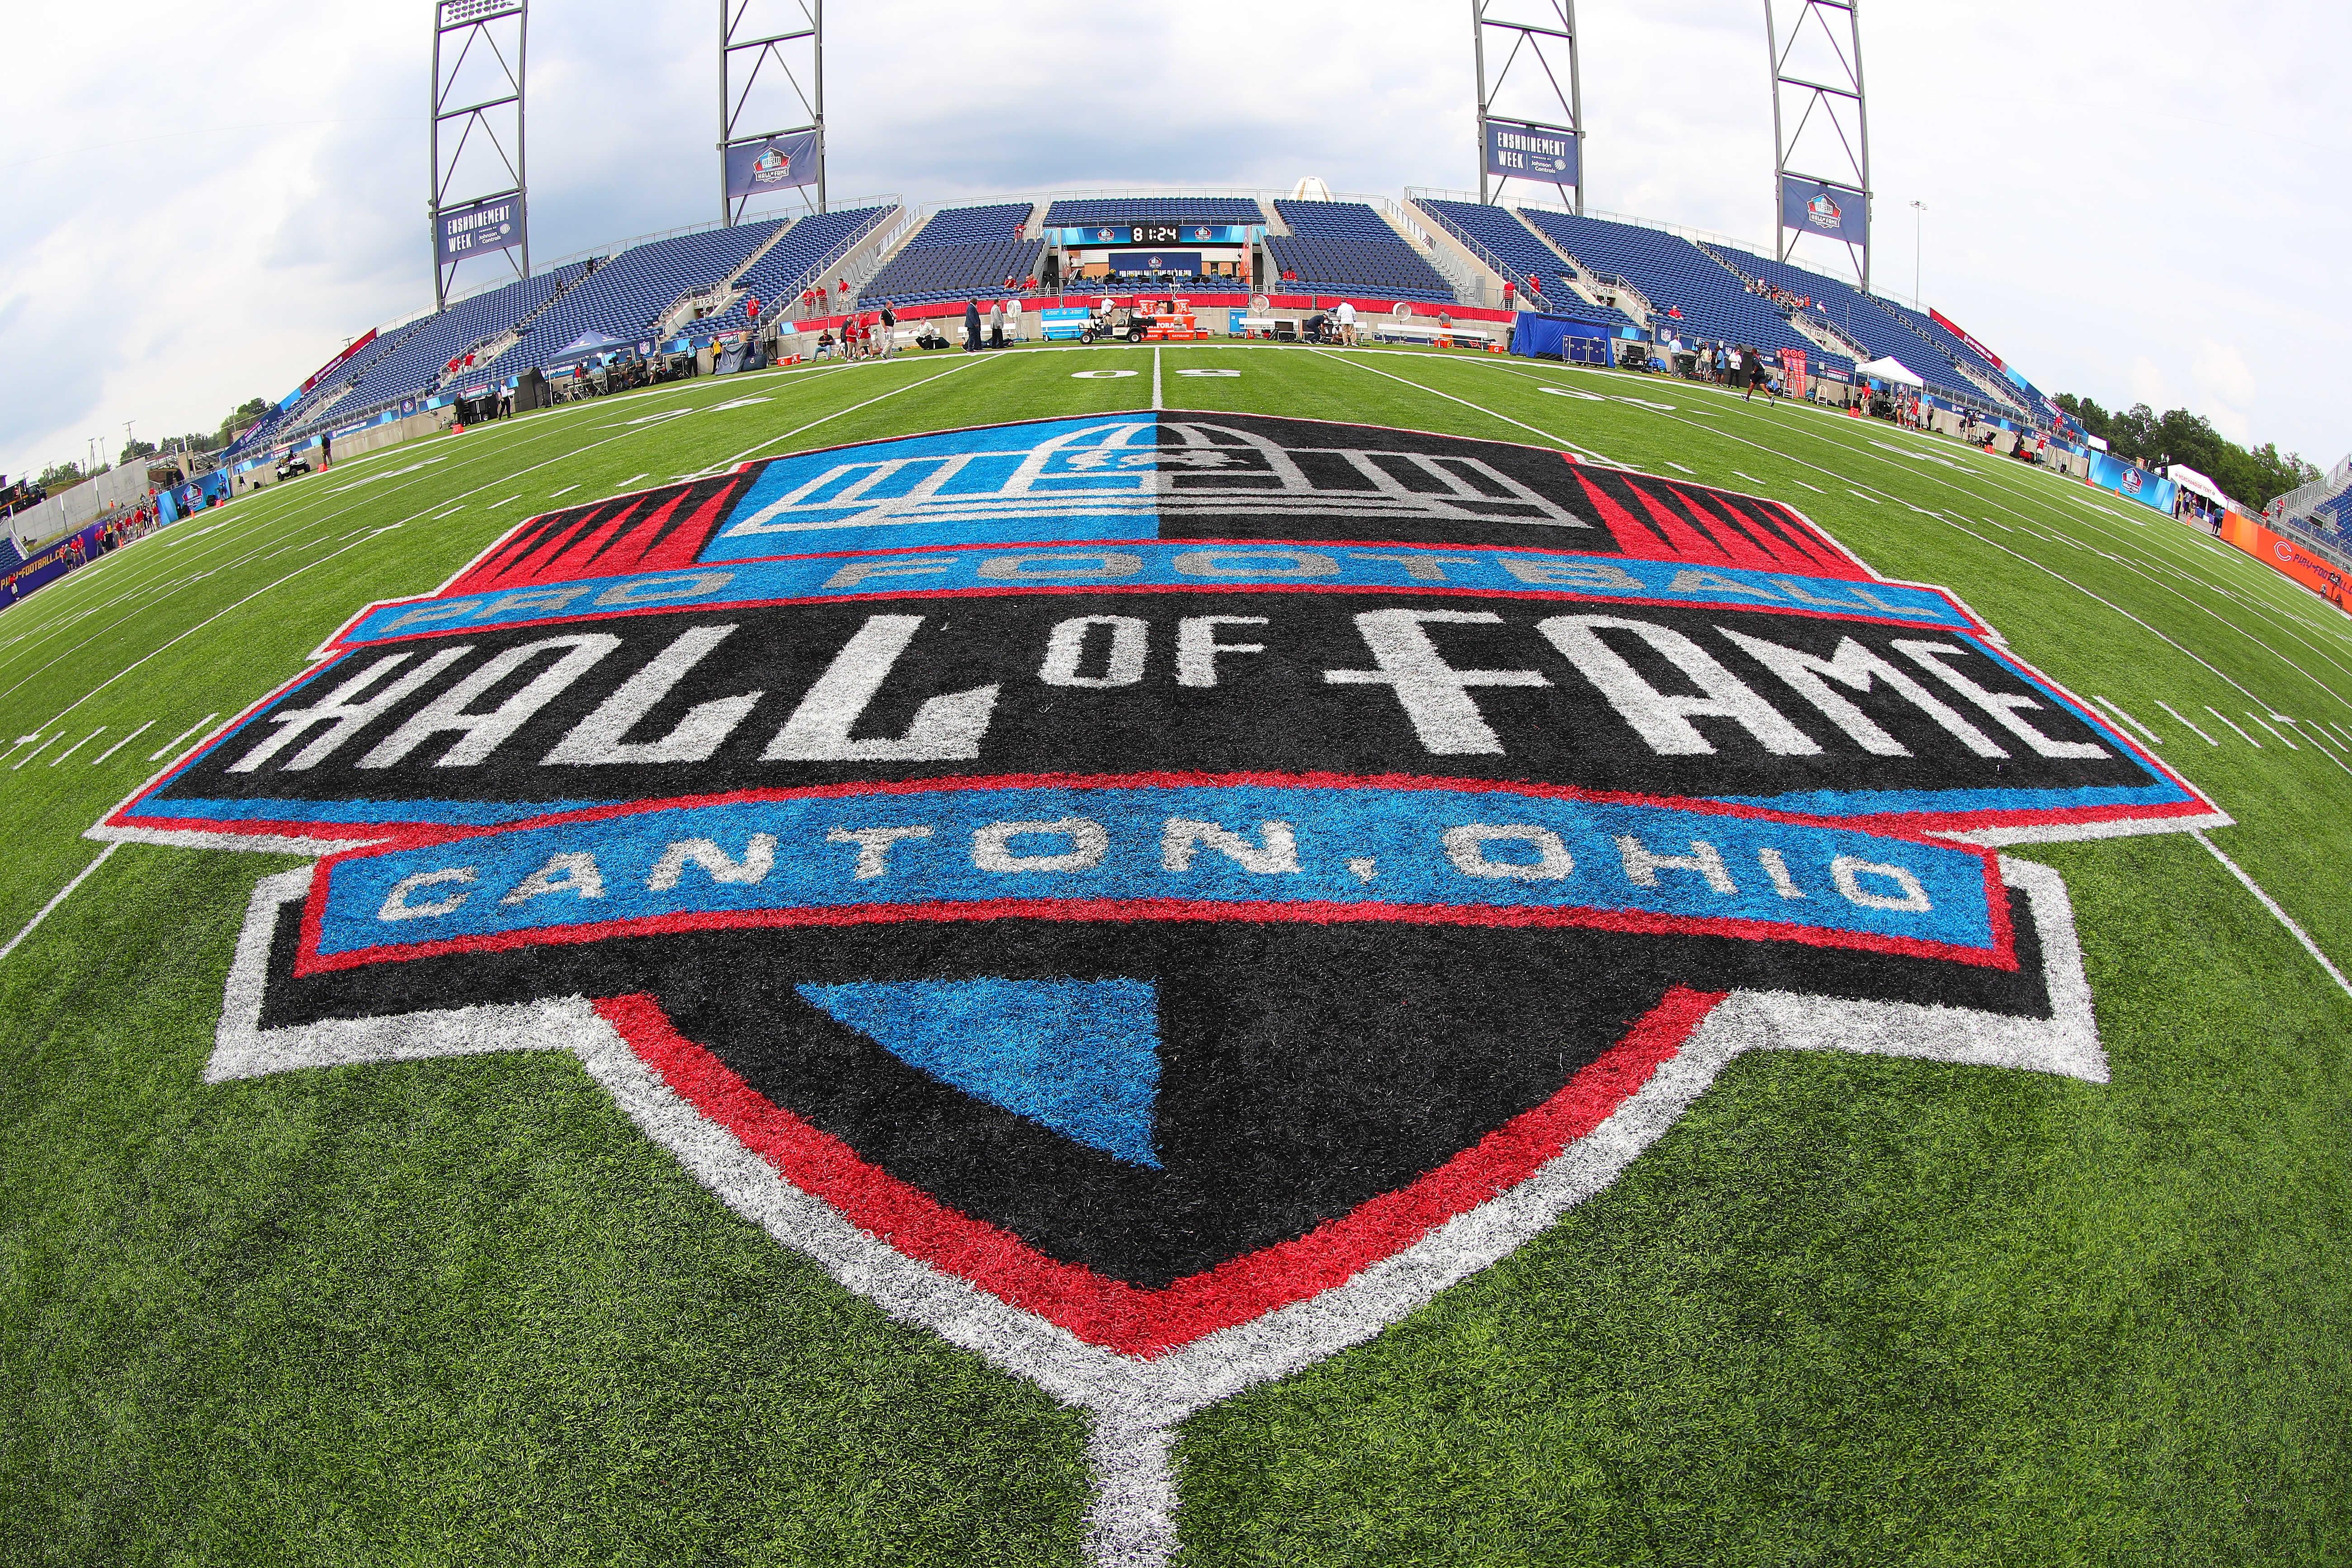 NFL: AUG 02 Hall of Fame Game - Bears v Ravens